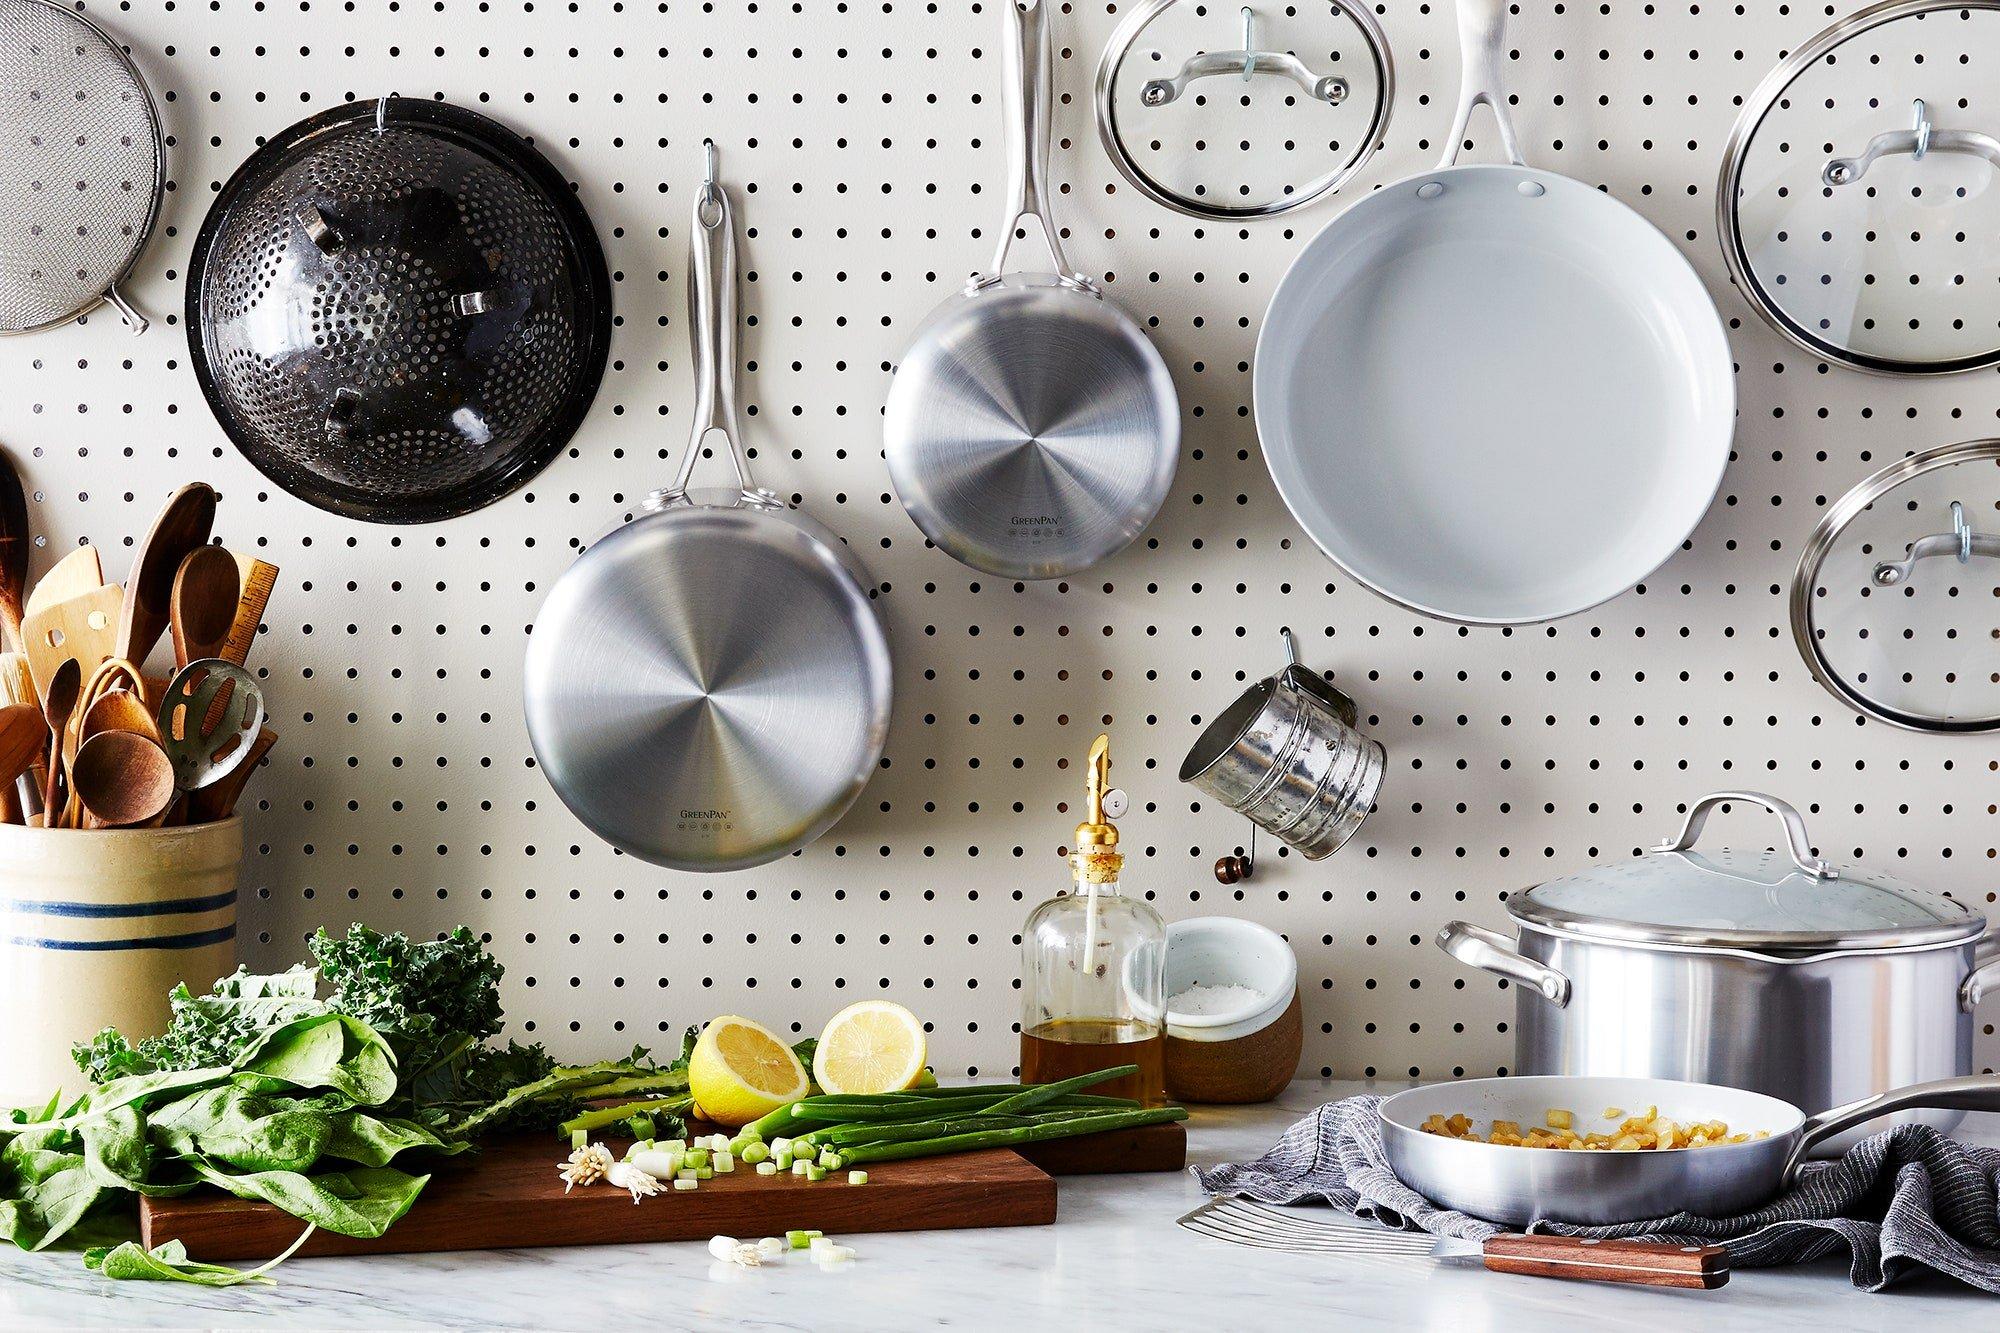 ظروف مسی و استیل جزو بهترین و سالمترین ظروف پختوپز بهشمار میروند.